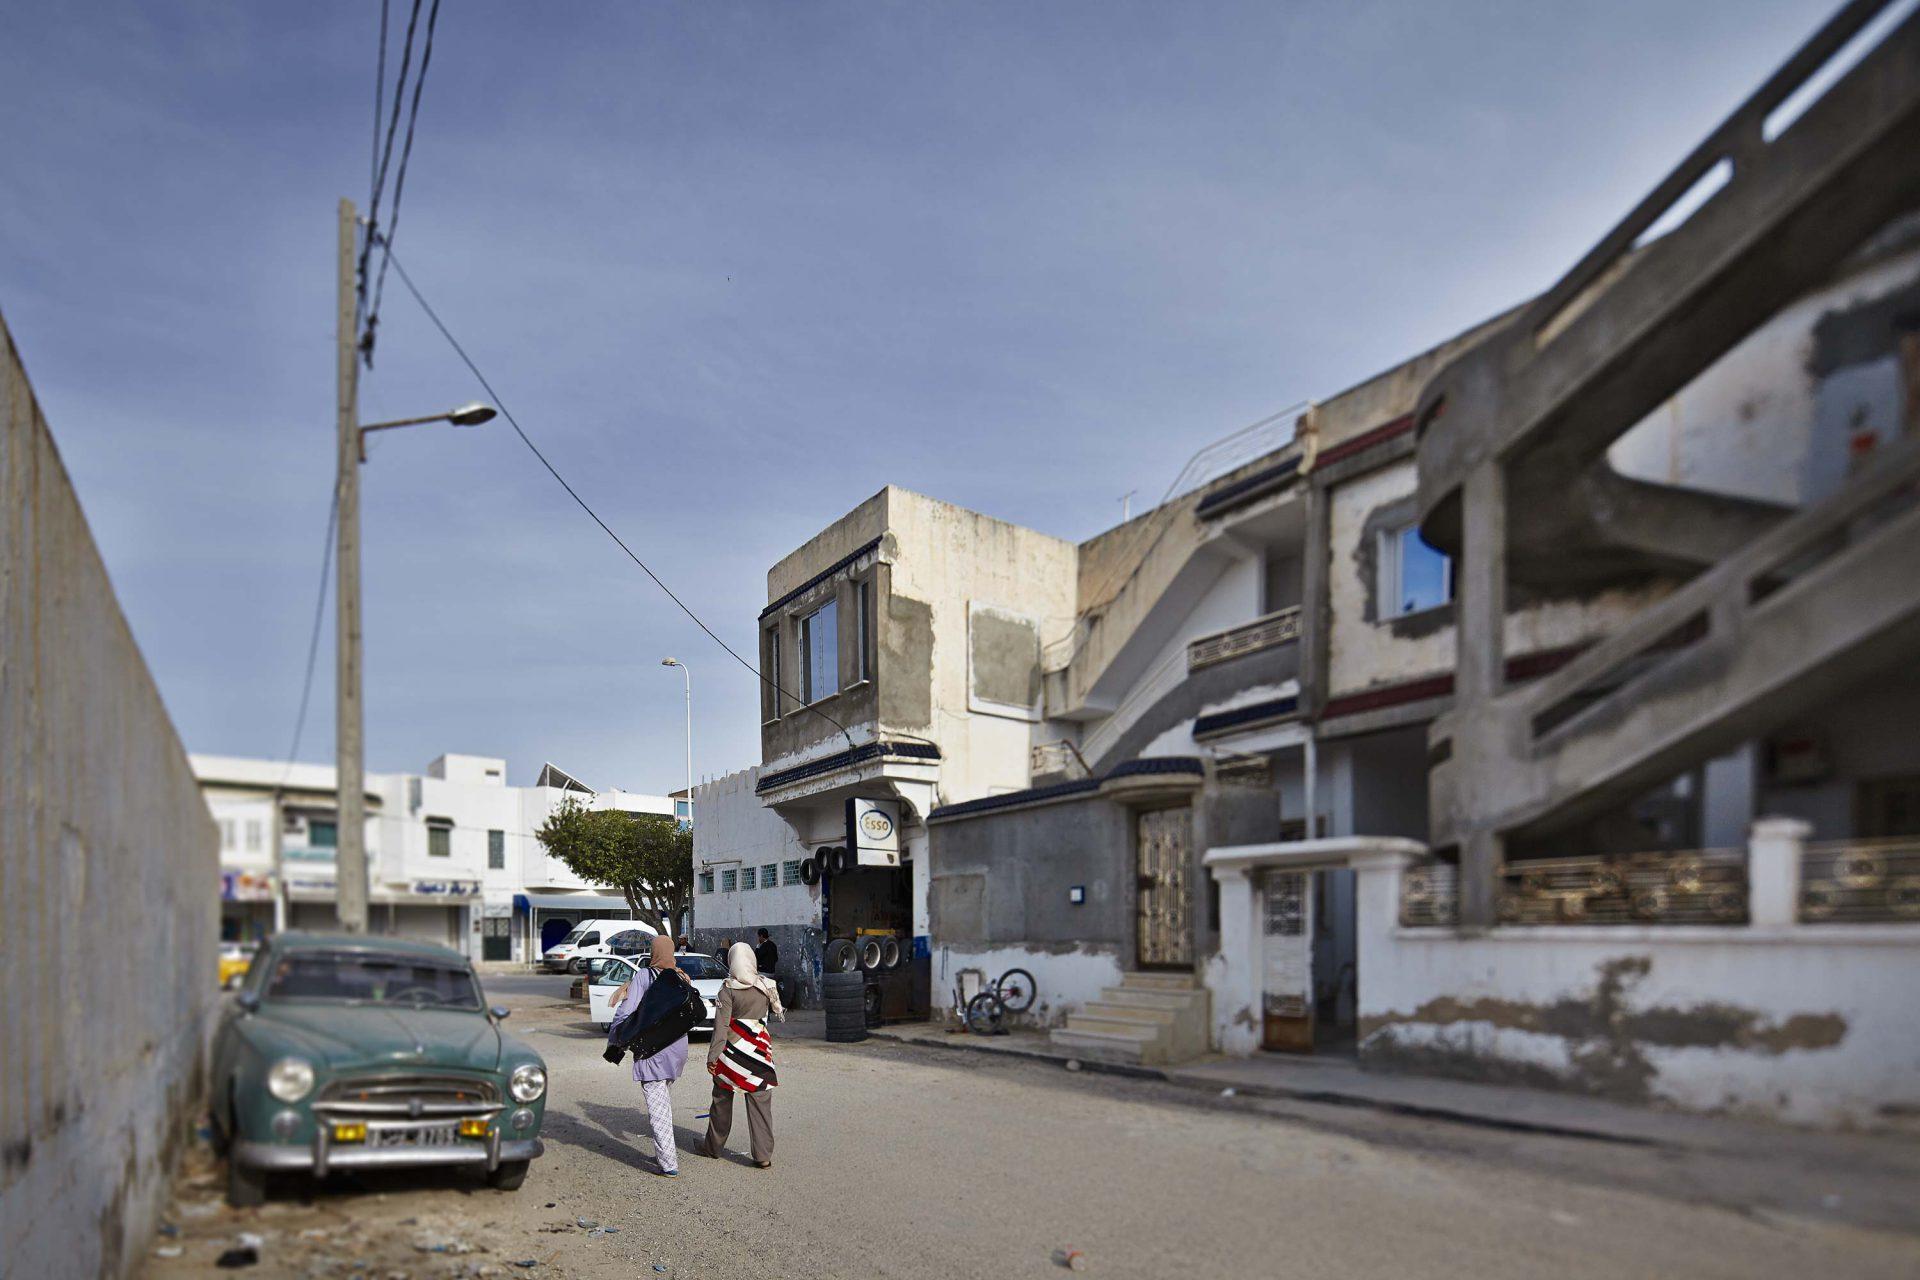 Tunis2014-07-3501-02